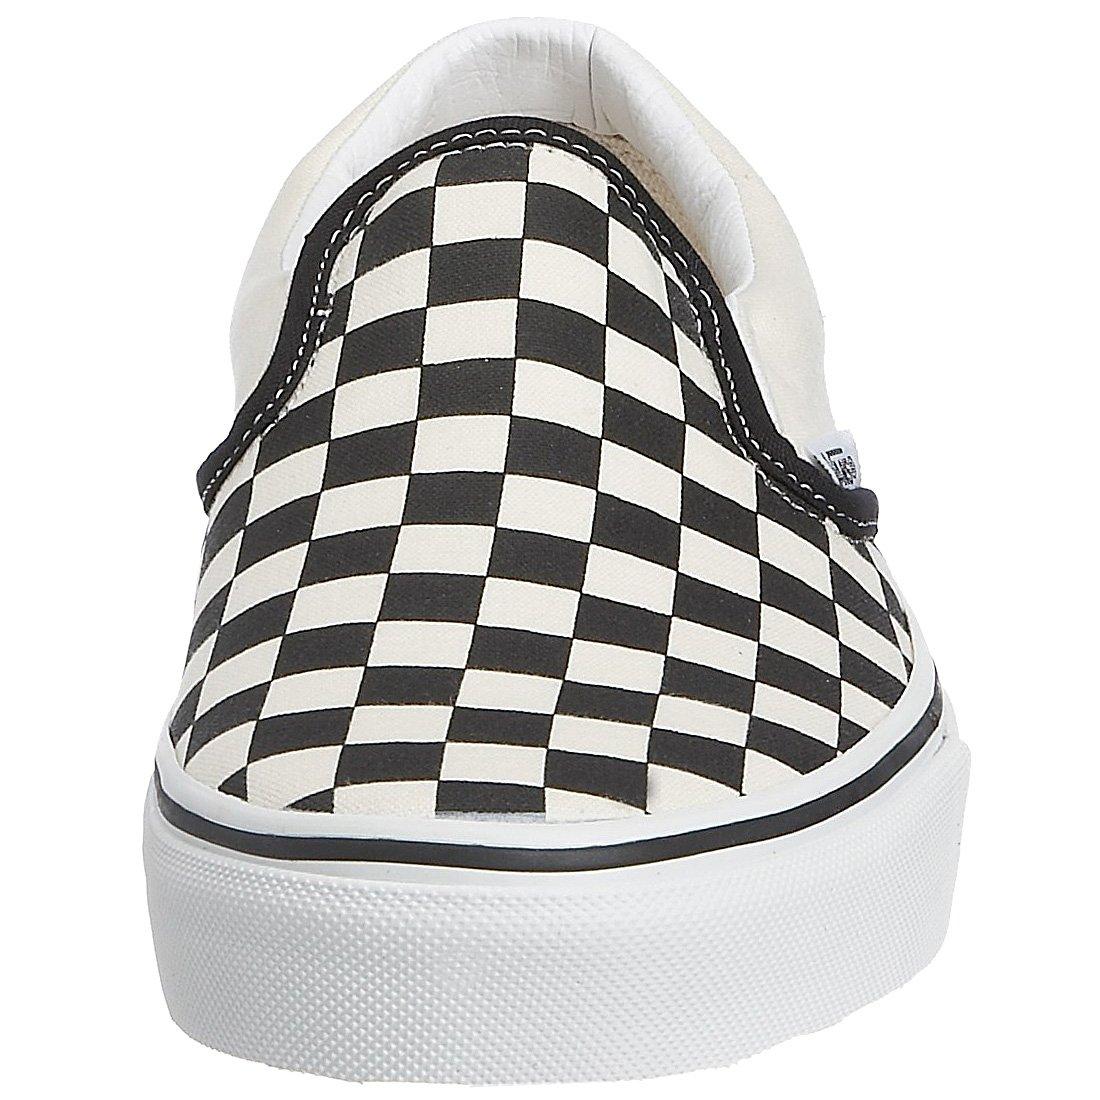 Vans Schwarz Unisex-Erwachsene Classic Slip-on Niedrig-Top, Weißszlig;, D(M) Schwarz Vans (schwarz and Weiß checker/Weiß) 60b8a5